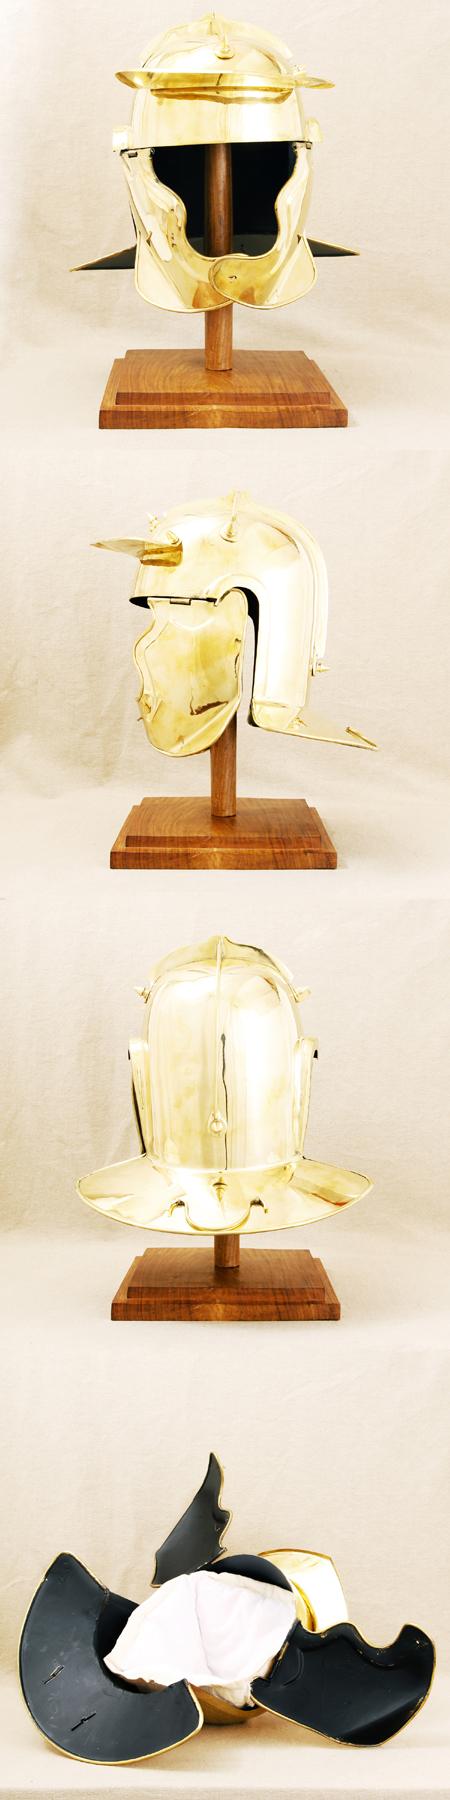 Römer Helm d. Legionäre,Deepeeka von Graevert